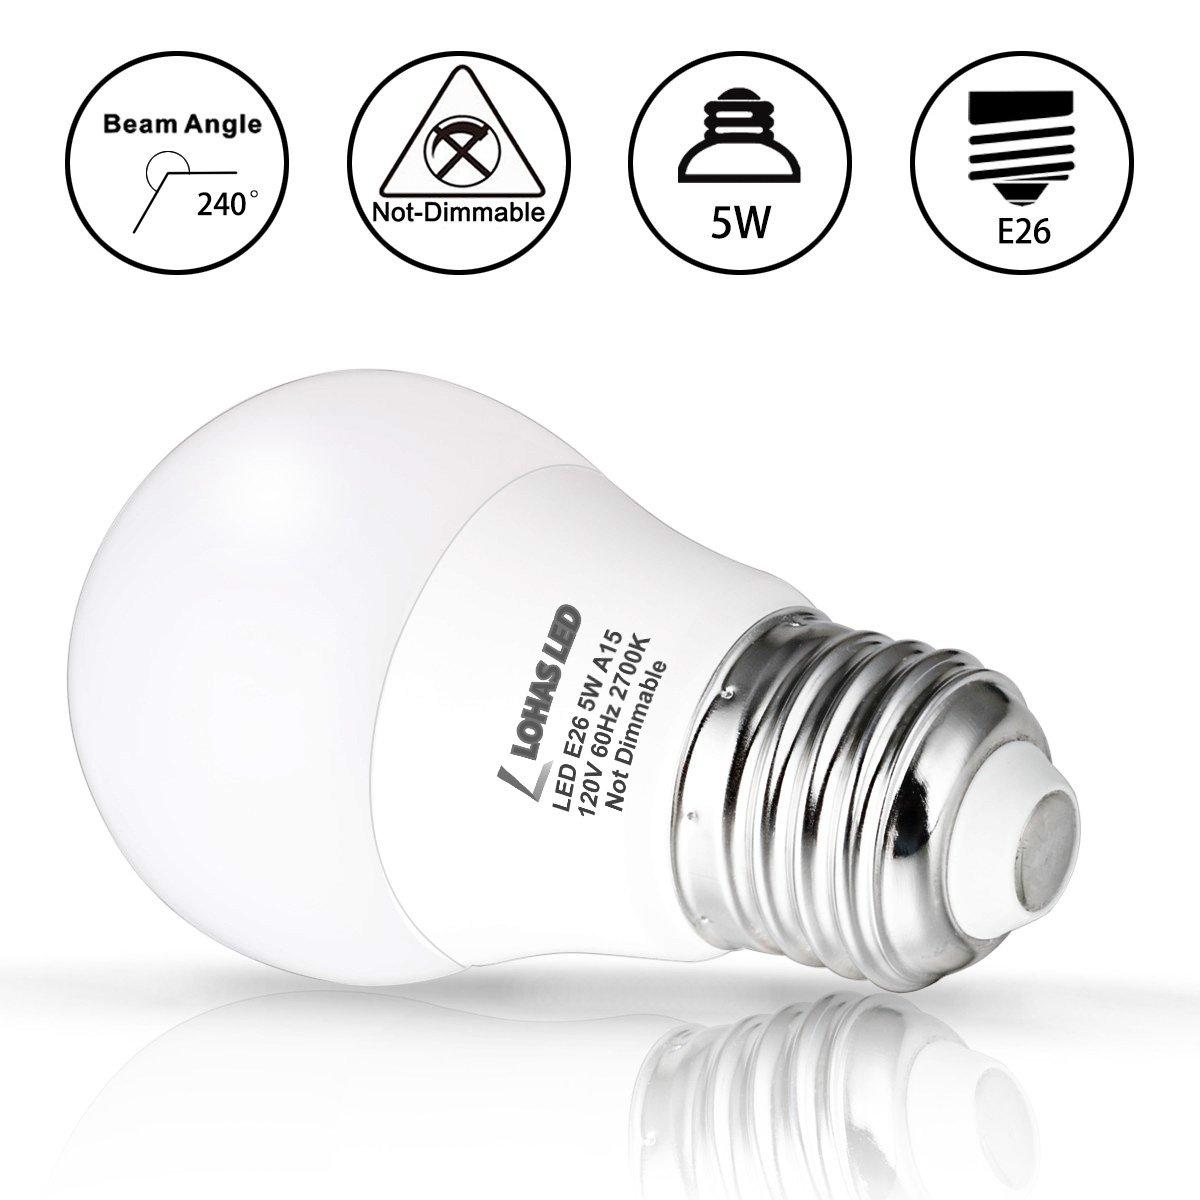 LOHAS 3W LED Light Bulb Not-Dim 6 Pack GK Lighting LH-BL-3W-2700k-6 E26 Medium Base Warm White 2700K LED Tiny Bulb 120V Small Night Light Bulbs for Bedroom Ceiling Fan Table Lamp Lighting G14 LED 25W Equivalent Light